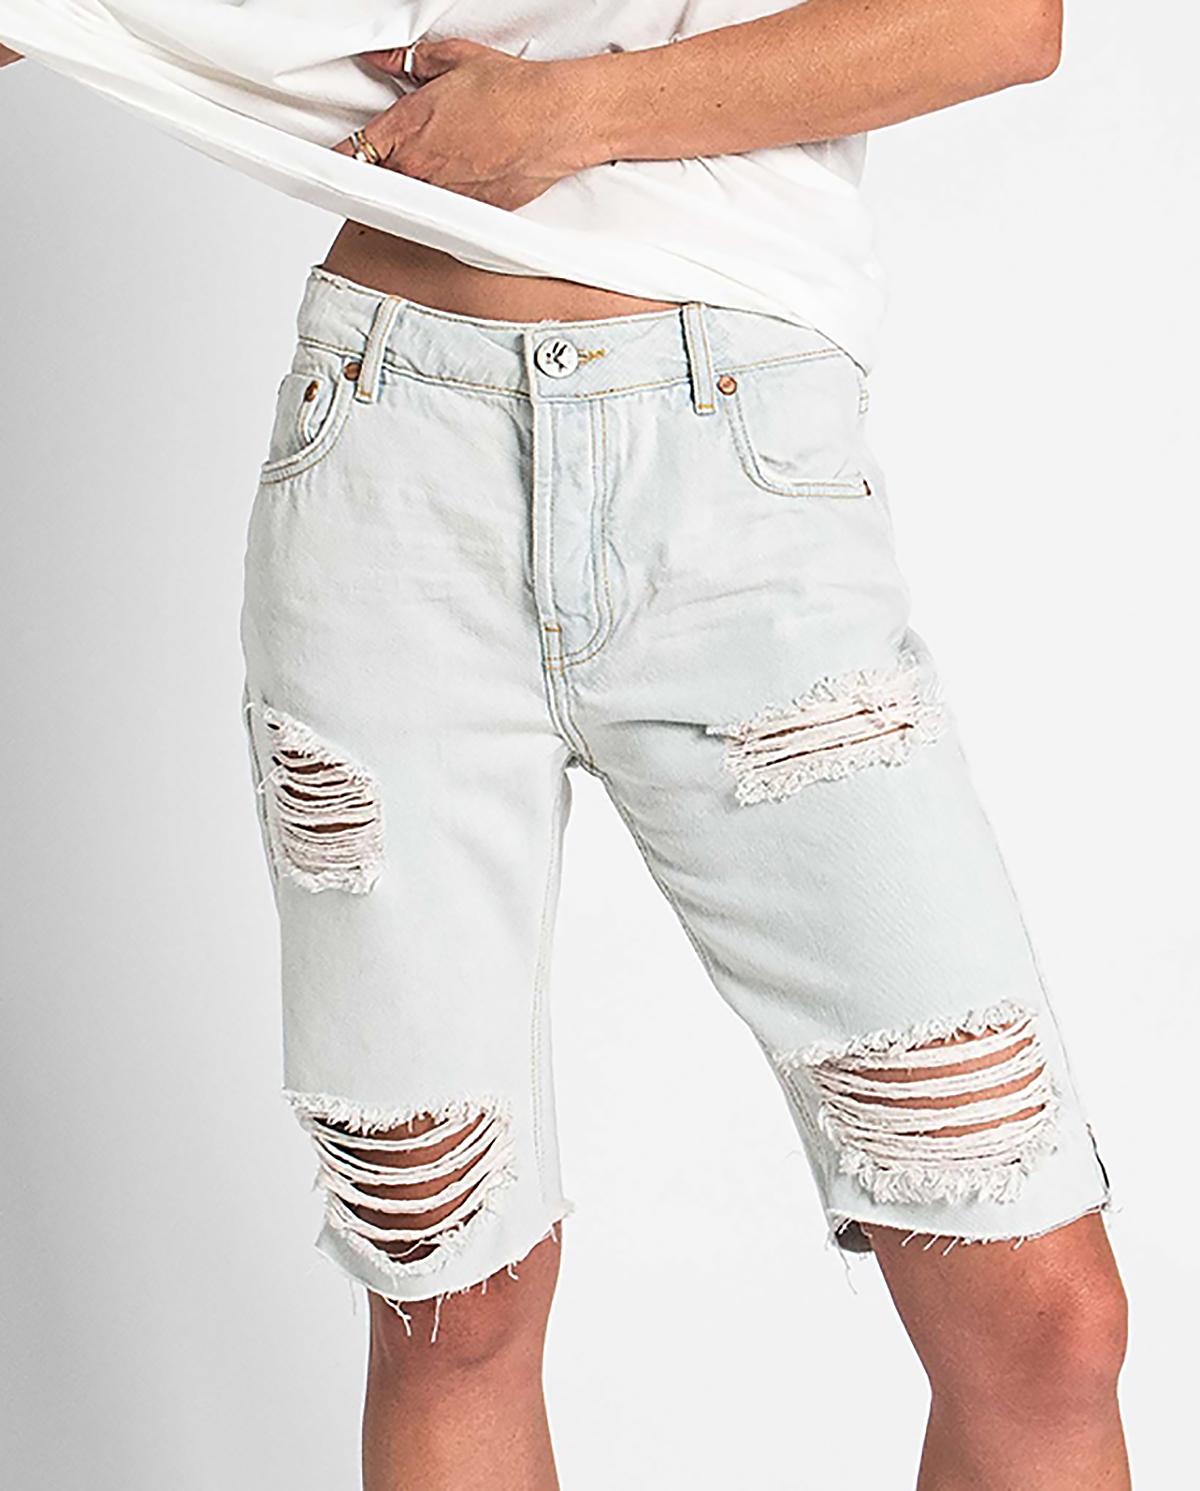 Damskie jeansowe spodenki Brando Truckers oneteaspoon 22928 BRANDO